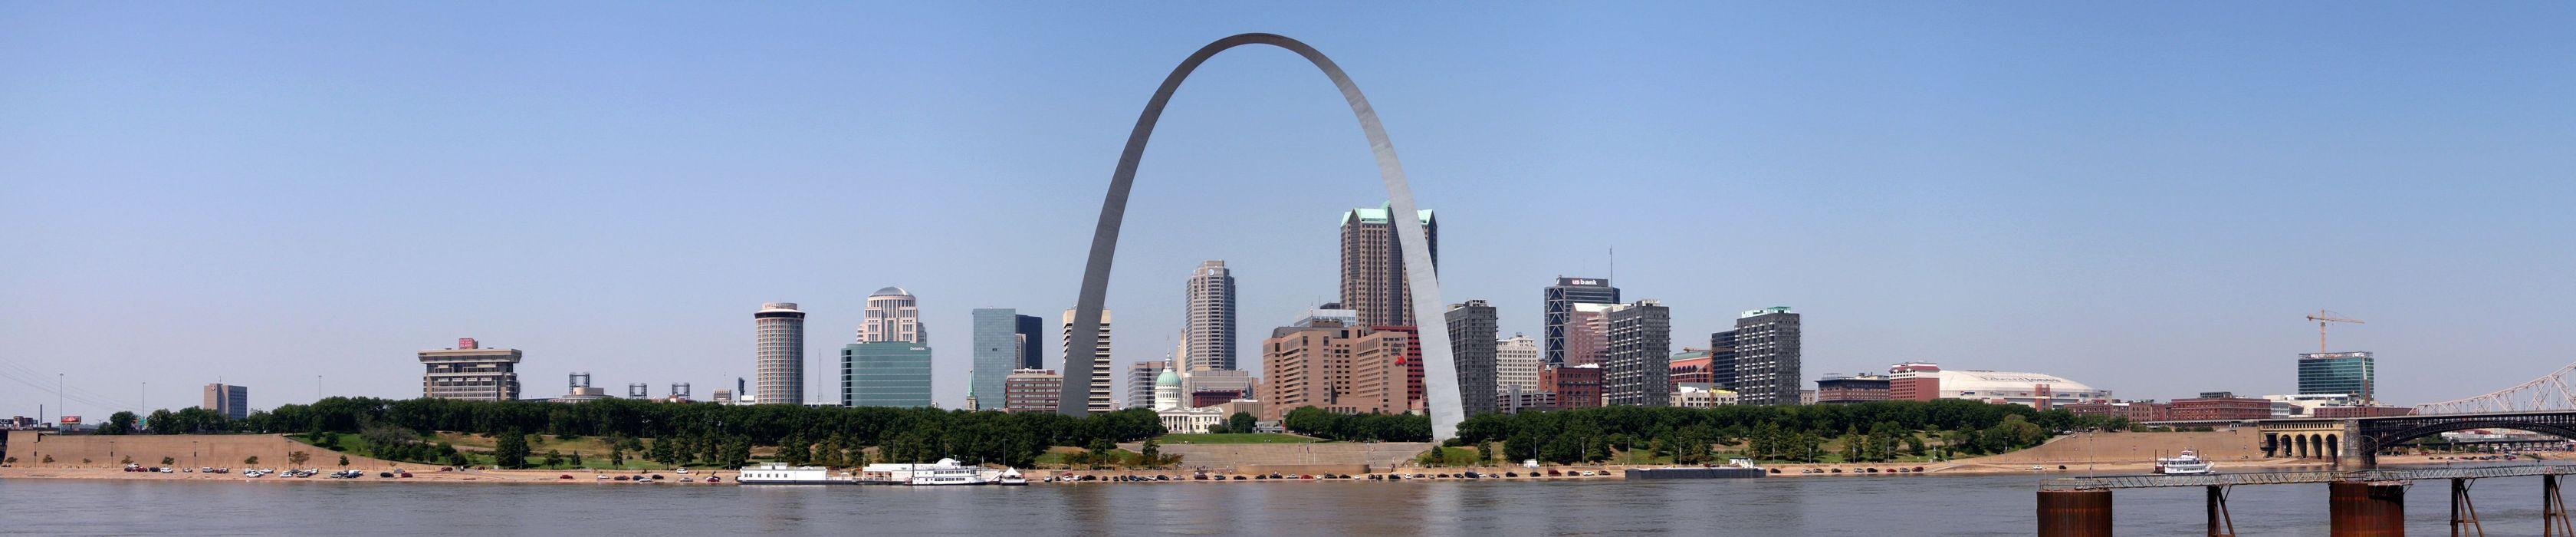 St Louis Gateway Arch Missouri wallpaper